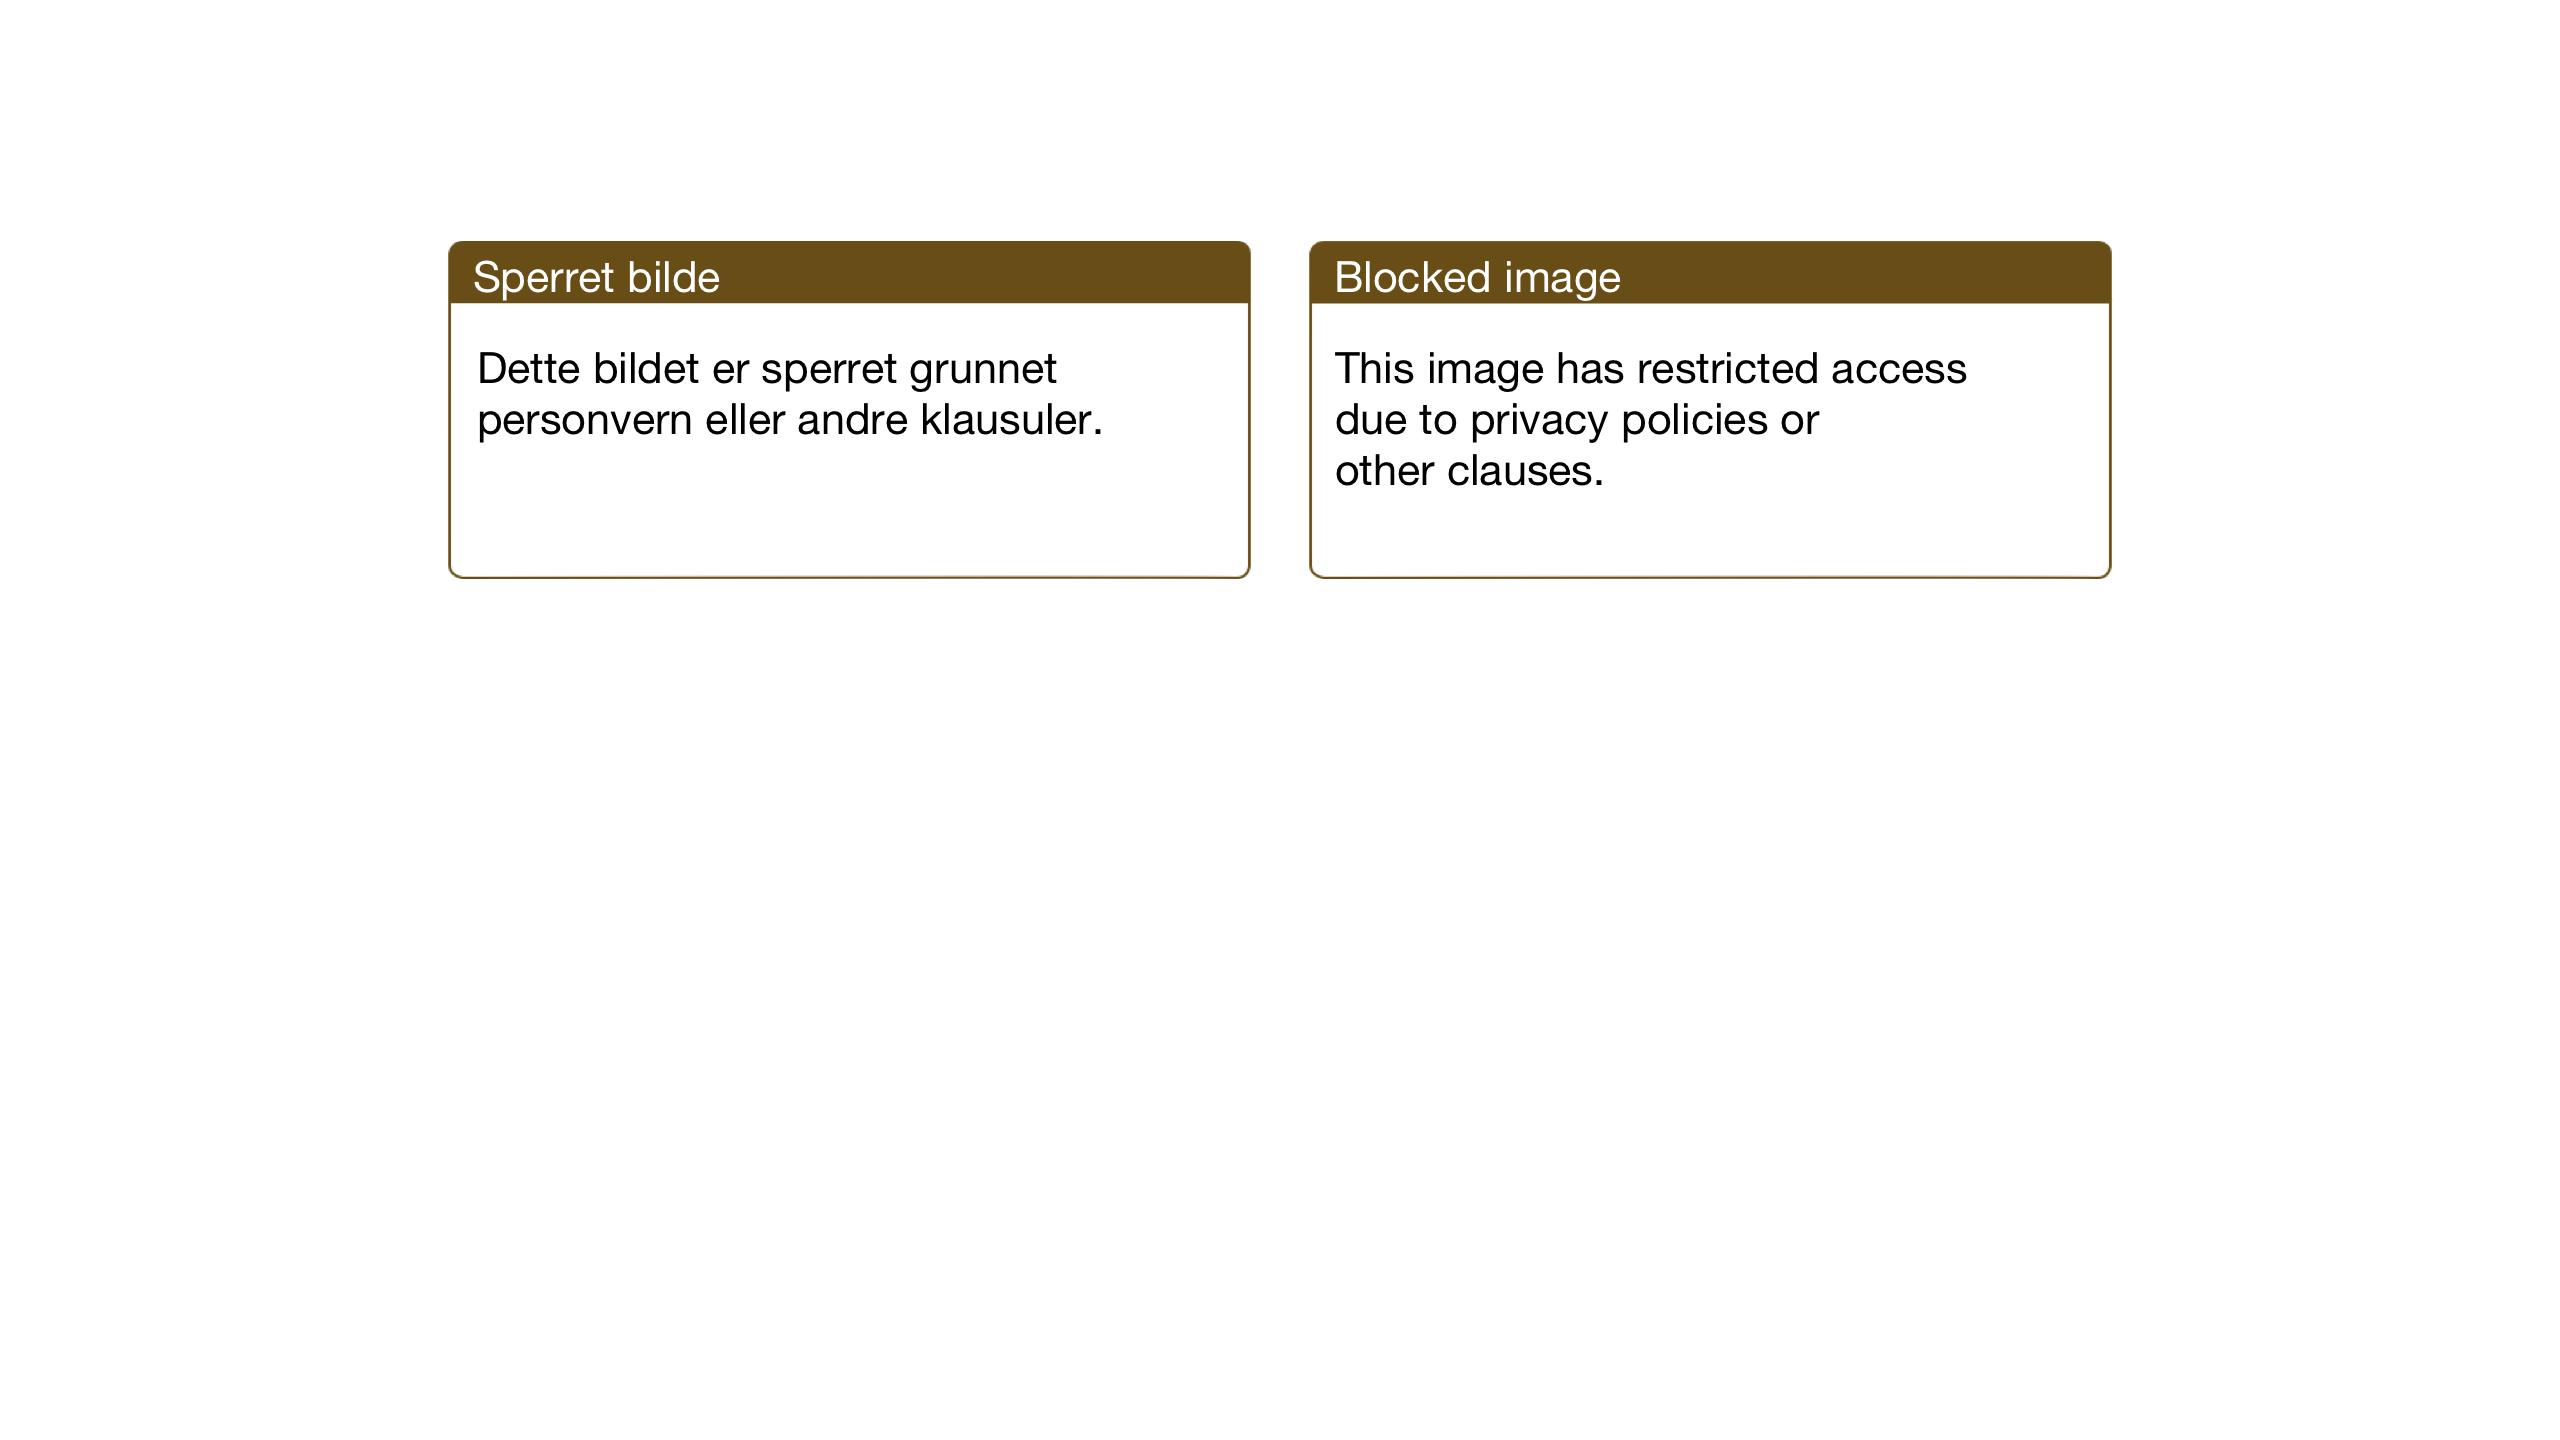 SAT, Ministerialprotokoller, klokkerbøker og fødselsregistre - Nord-Trøndelag, 786/L0689: Klokkerbok nr. 786C01, 1940-1948, s. 234-235